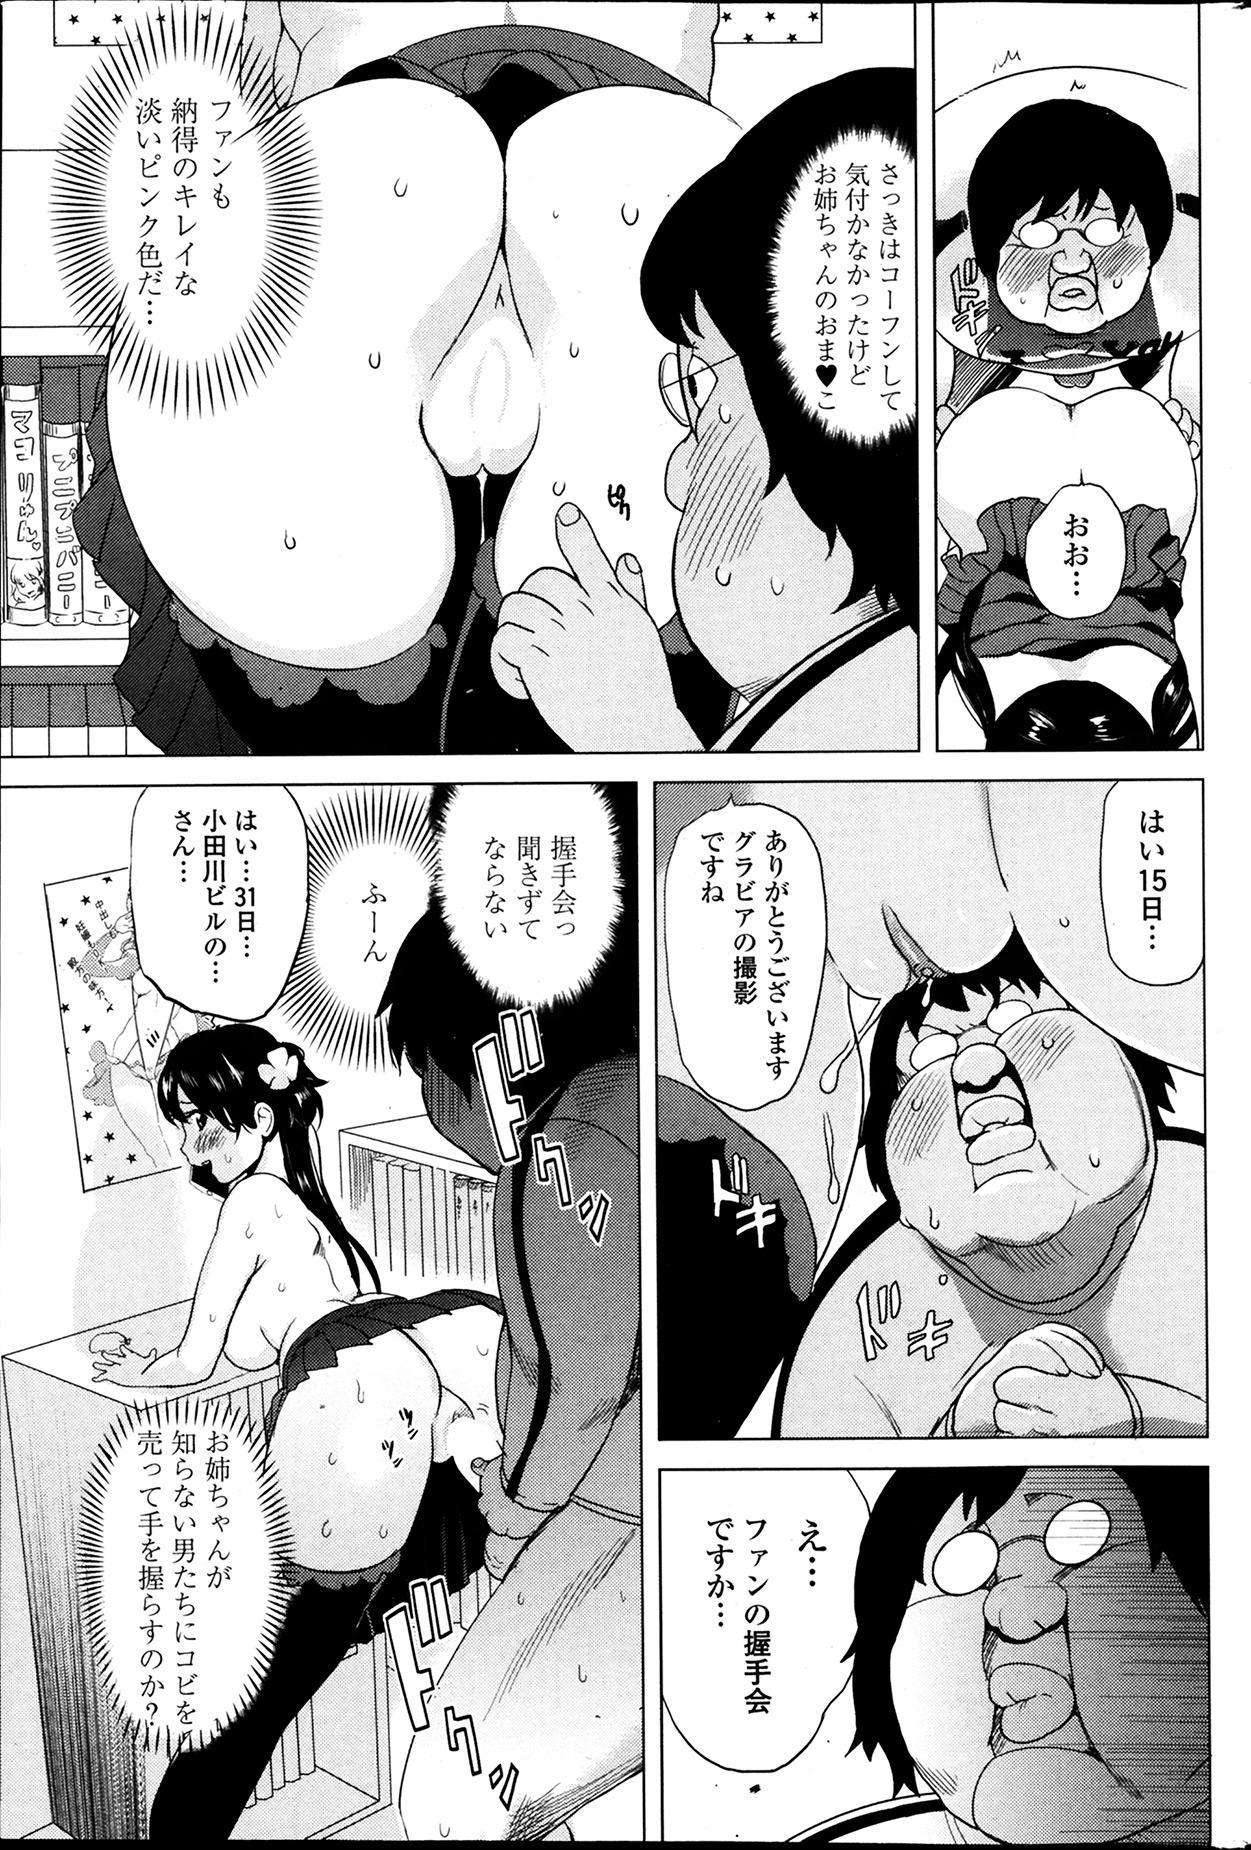 [Mitsuya] Nee-chan to H Shitai no? | Zoku Nee-chan to H Shitai no? Ch.1-4 8